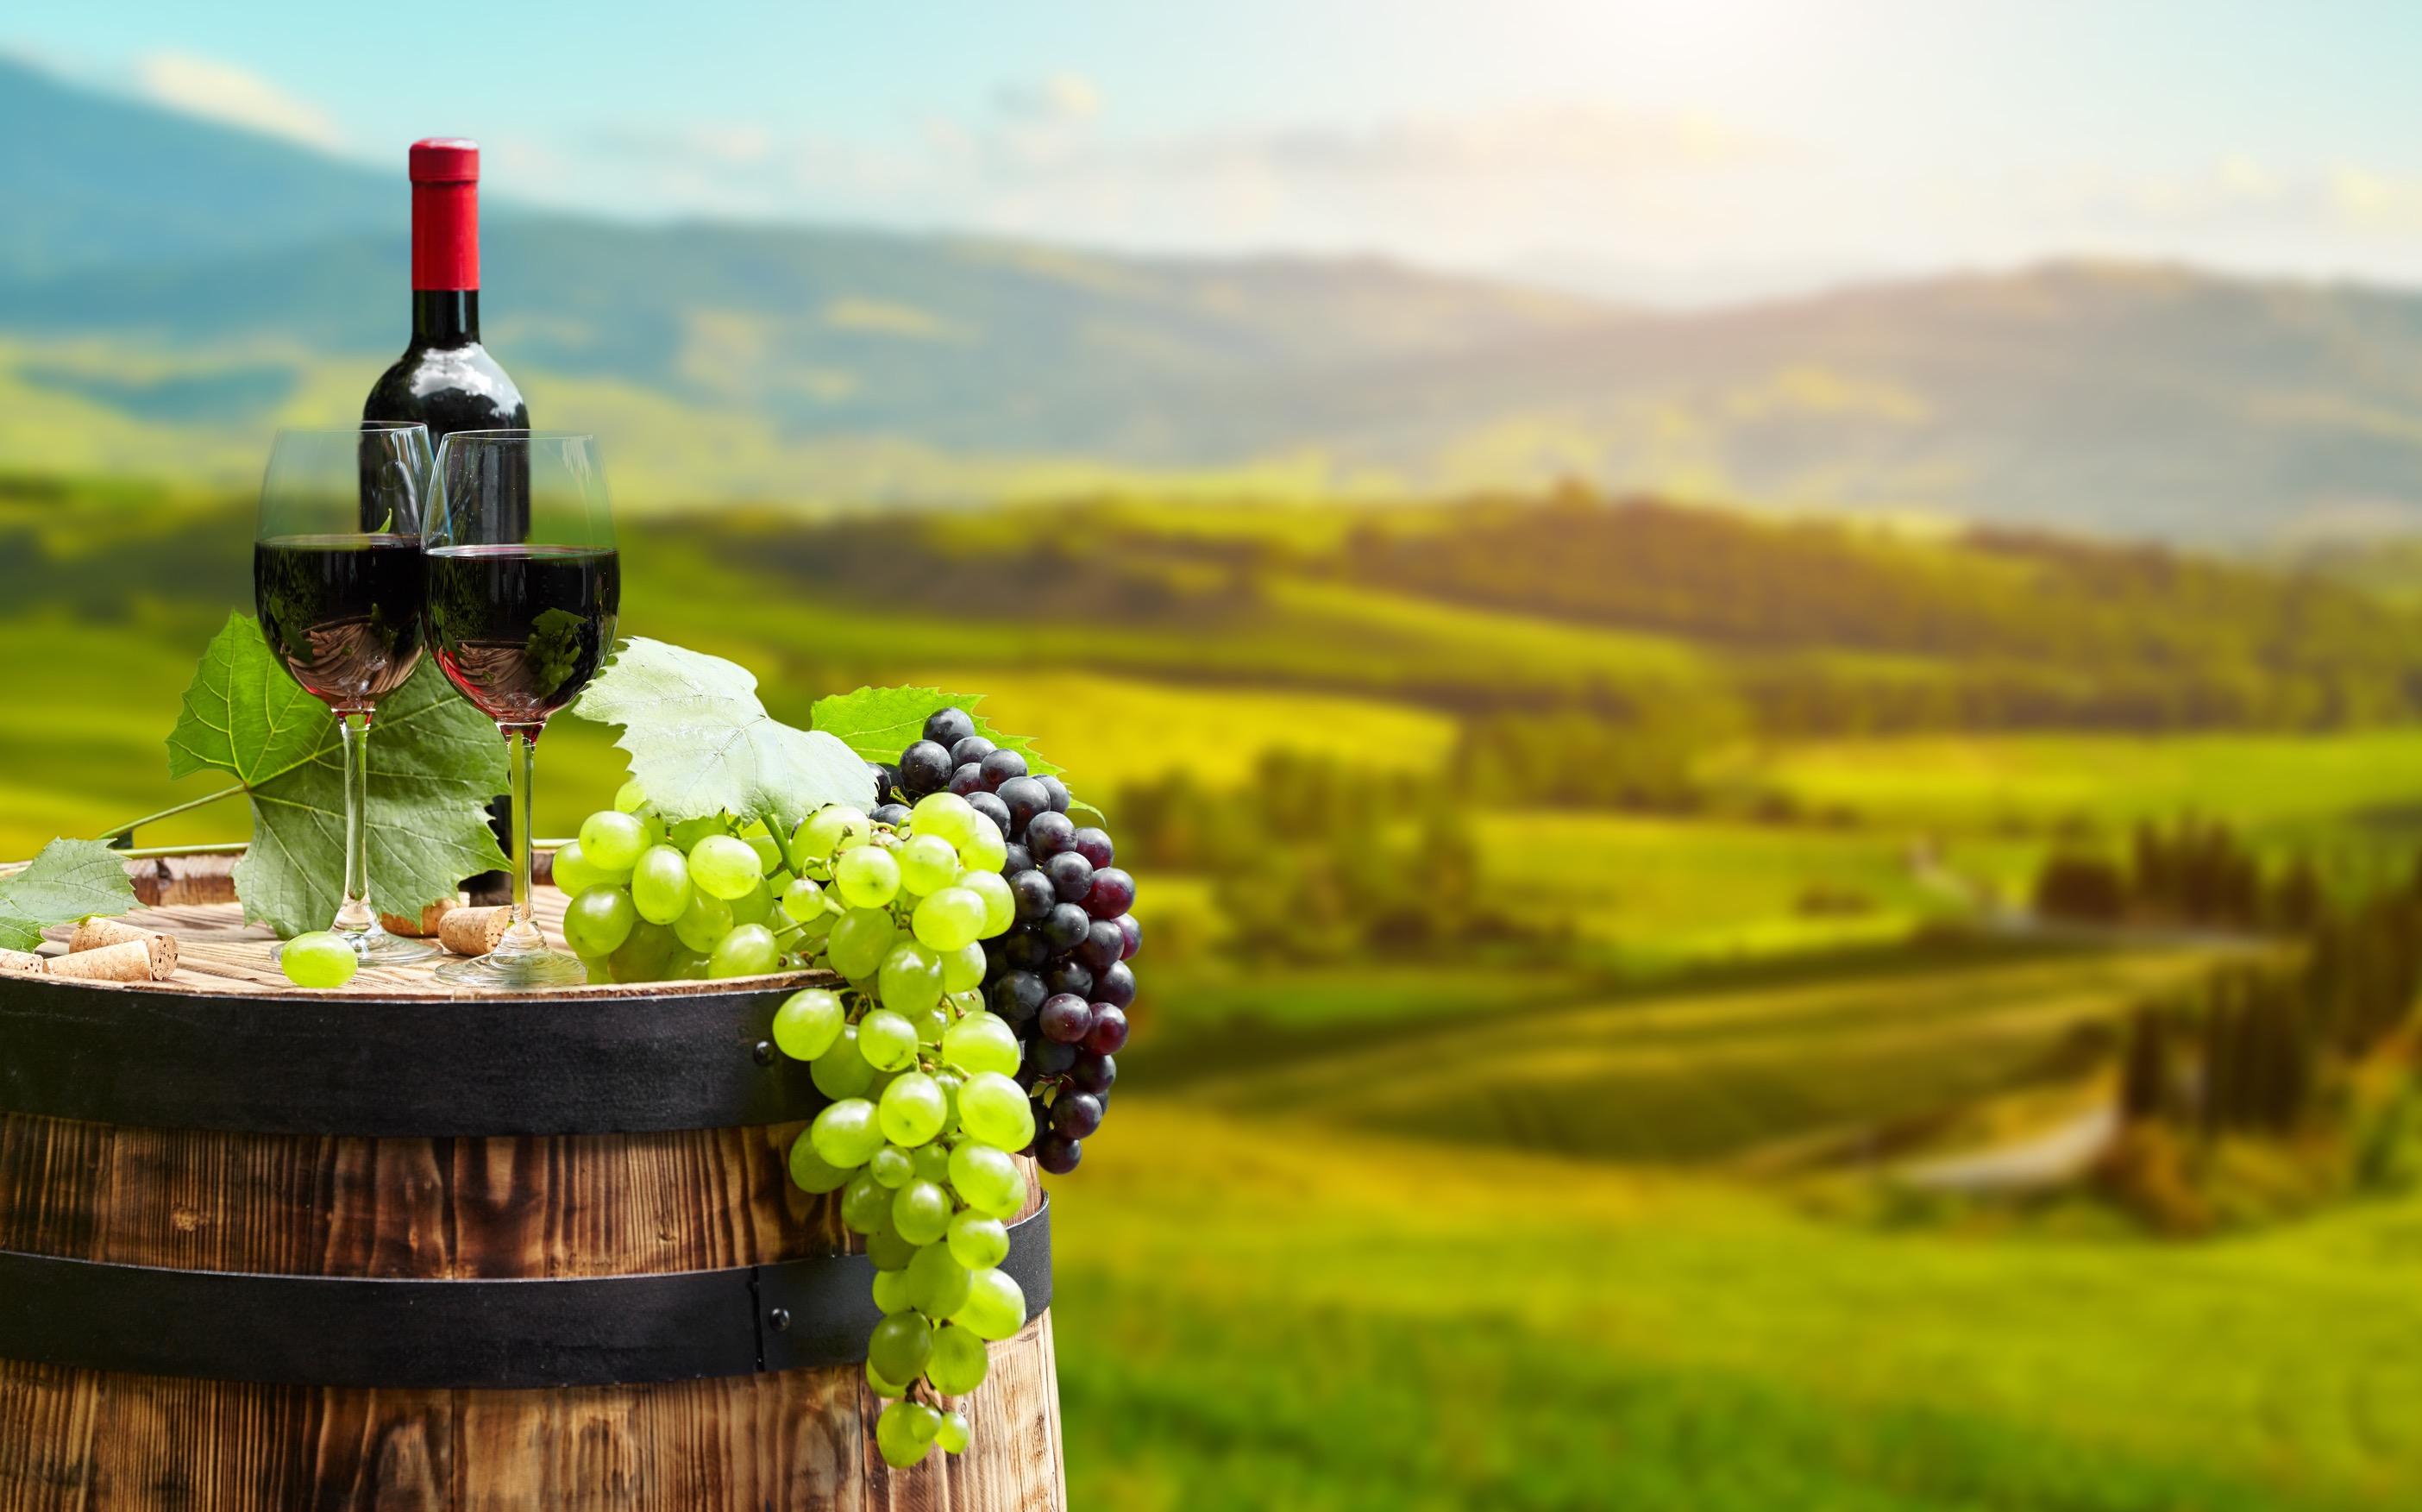 世界が注目するオーストラリアワインの歴史と特長を徹底解説